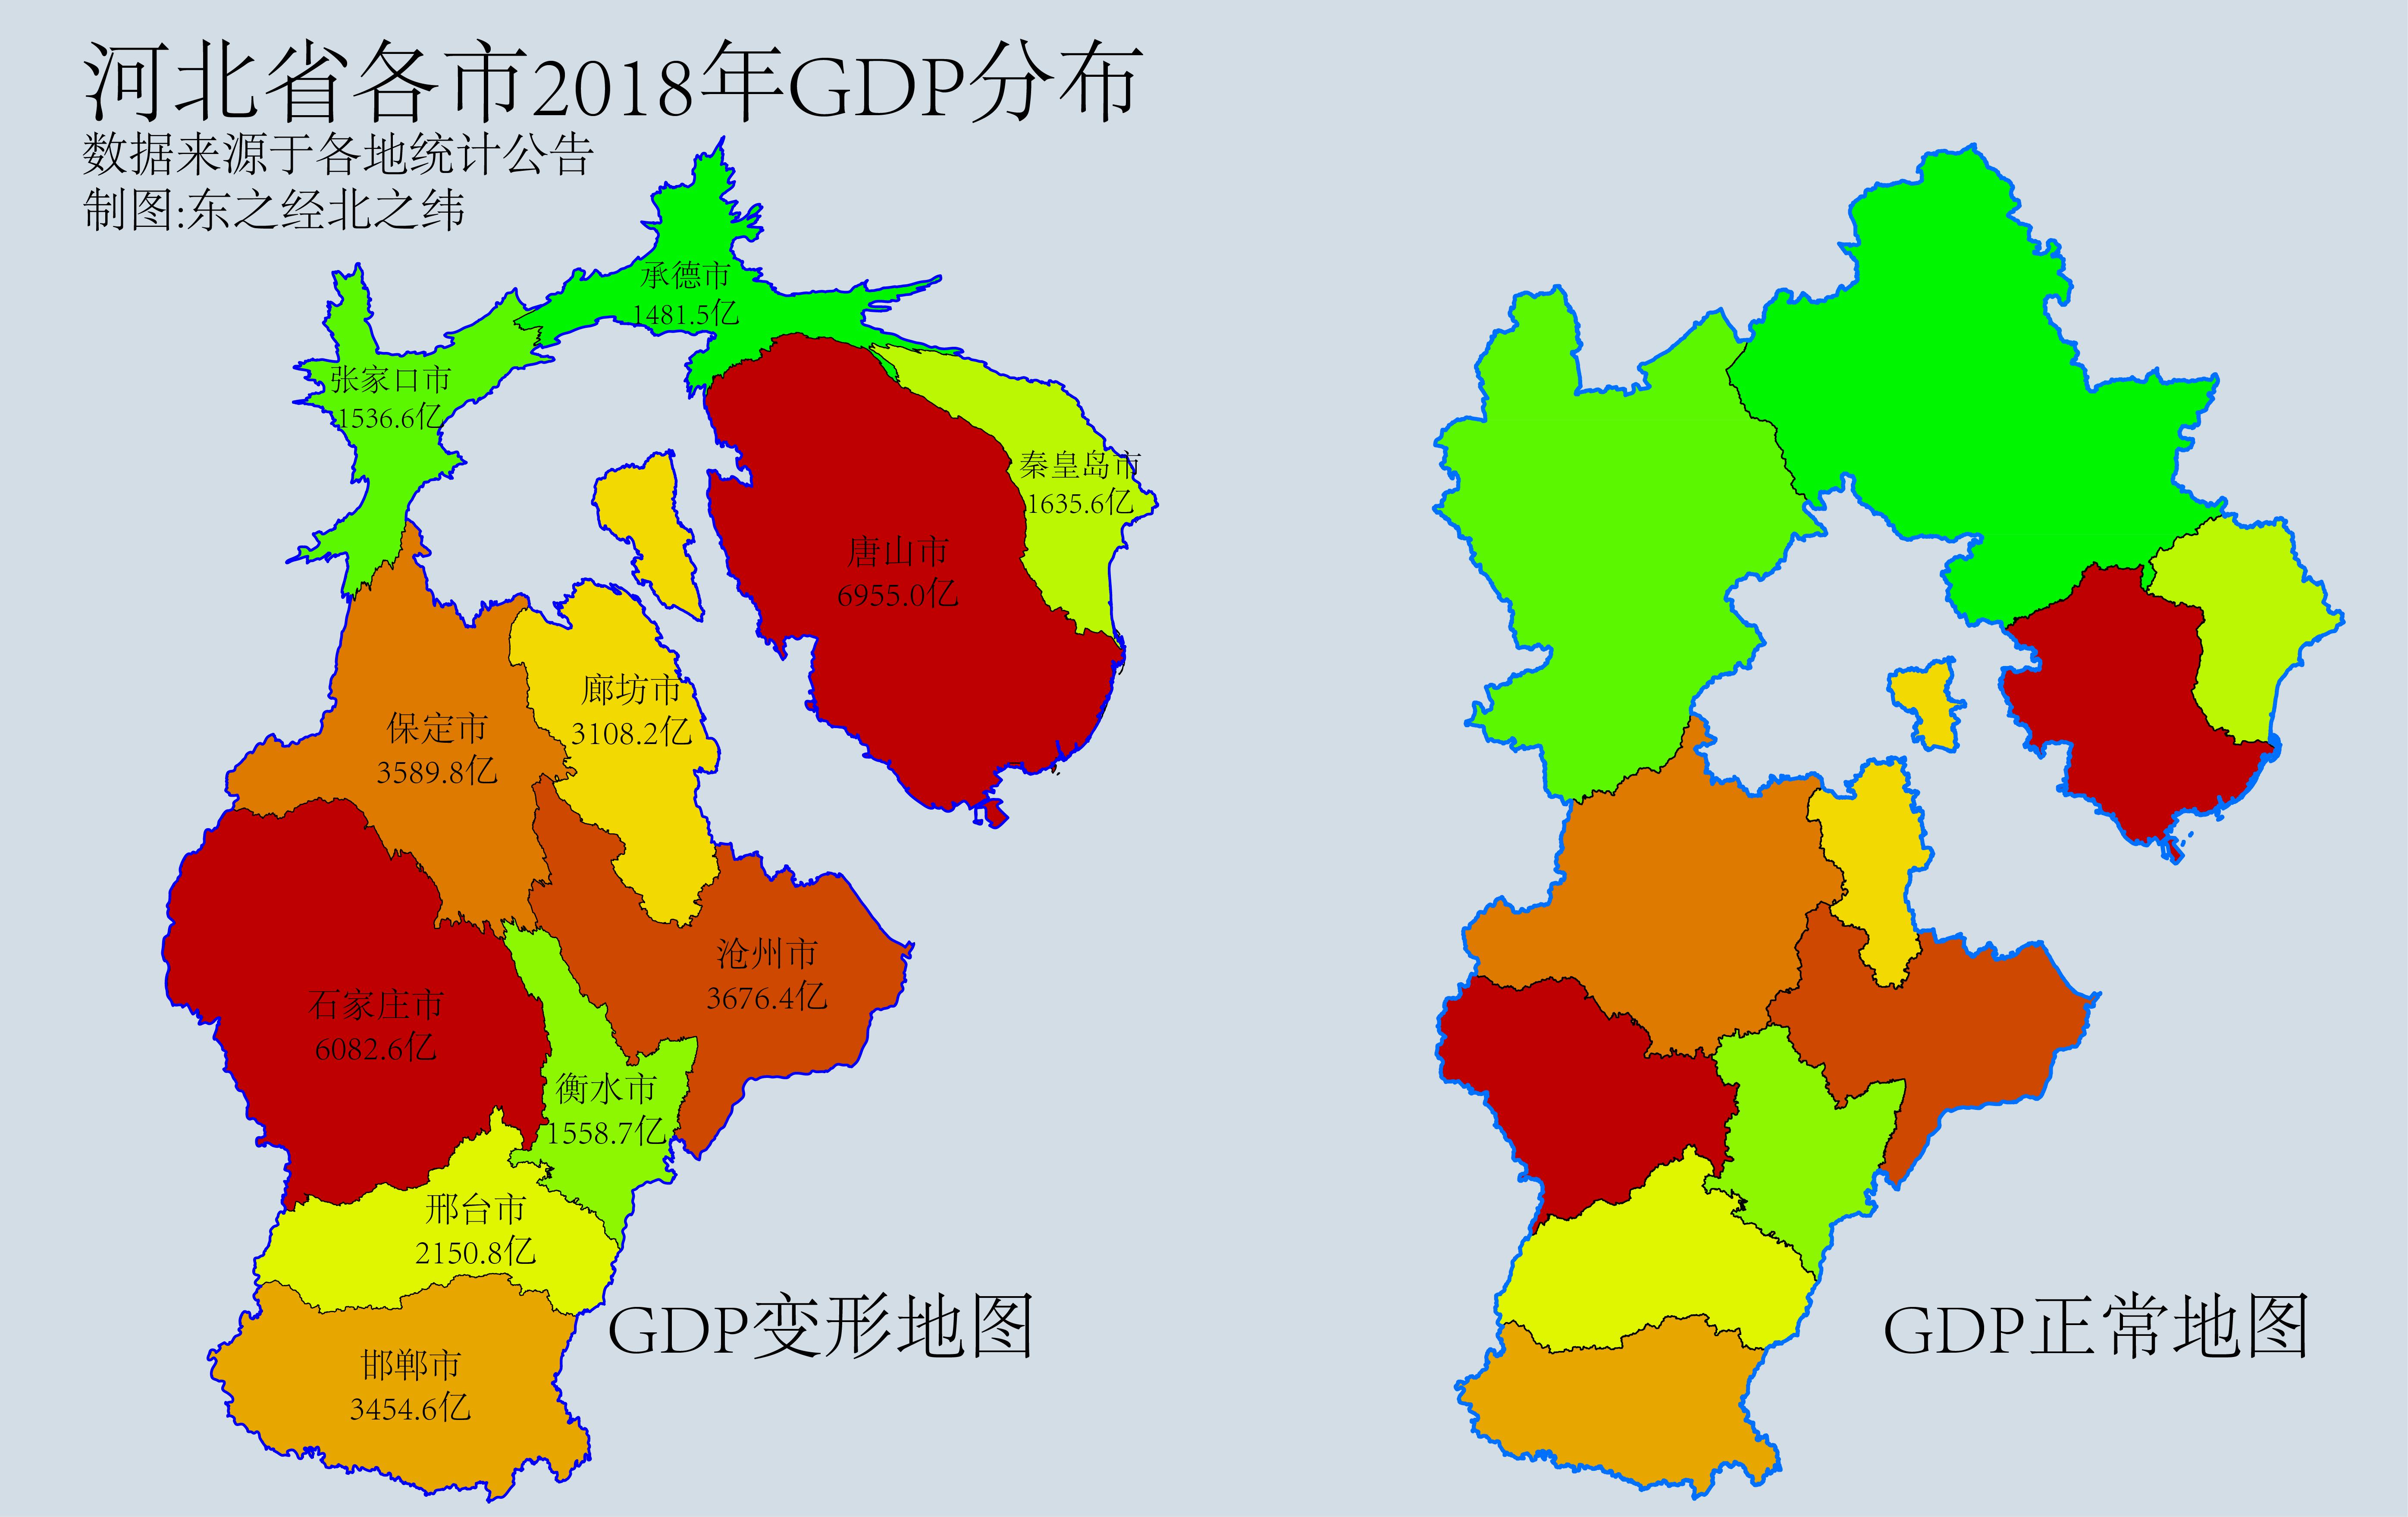 霸州市的gdp是多少_全市排名,三河无敌,大厂香河使劲追吧(2)